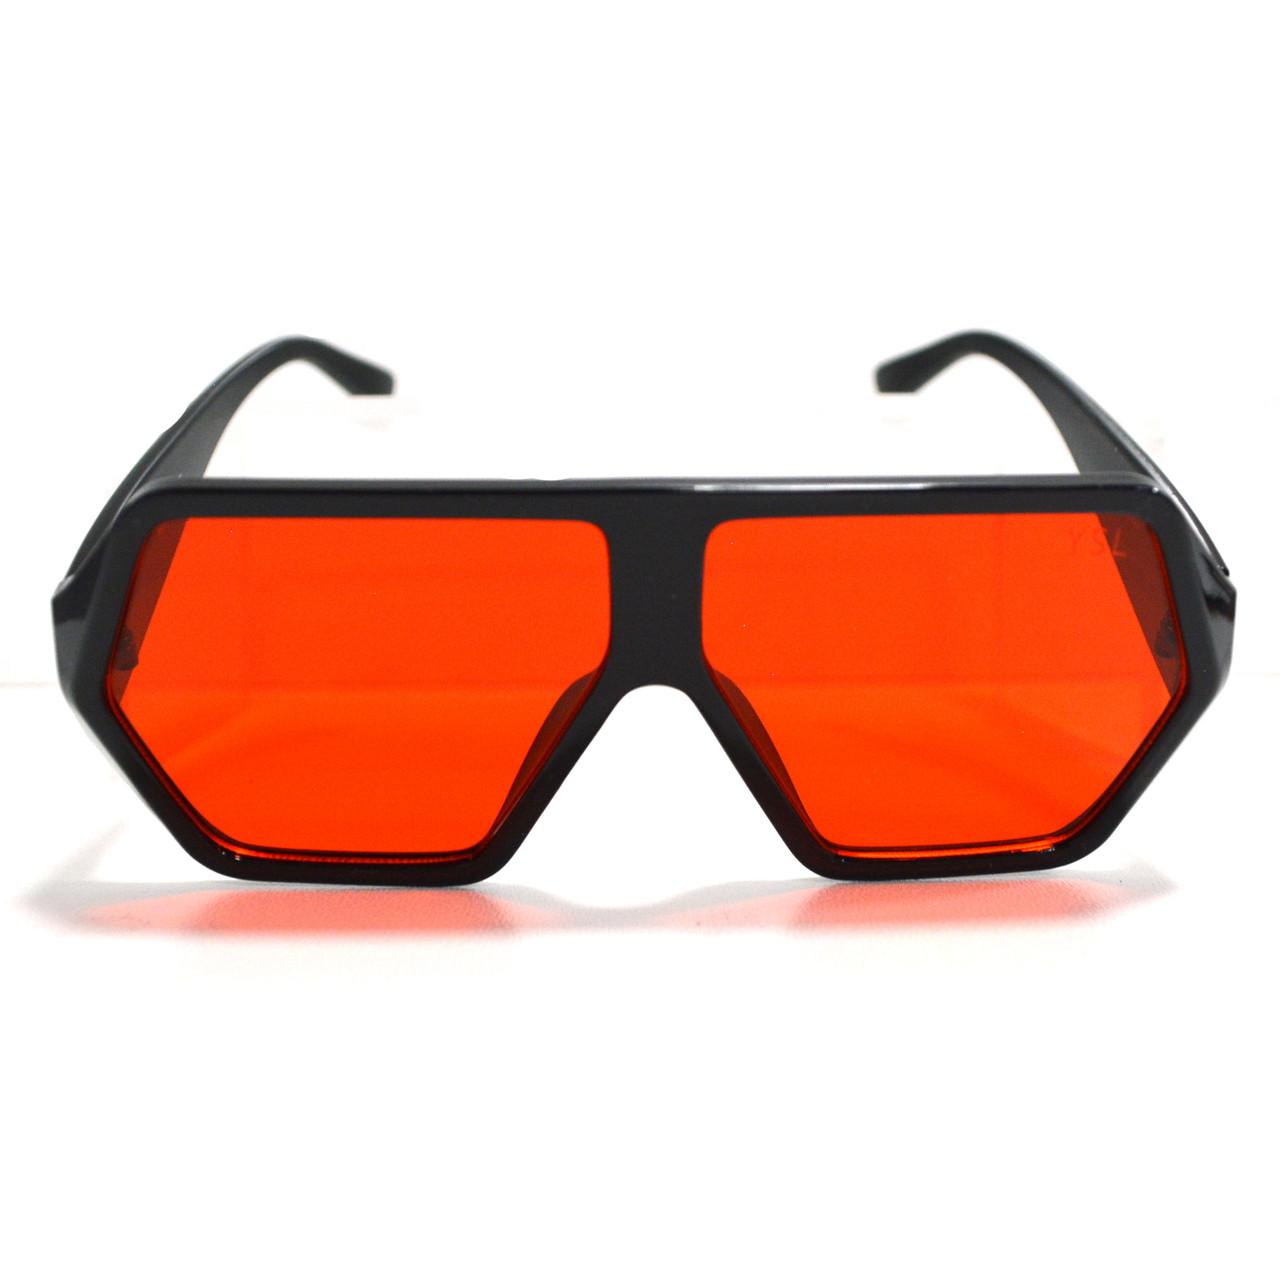 Солнцезащитные очки с красными стеклами с широкой черной дужкой YSL 3010 - фото 8